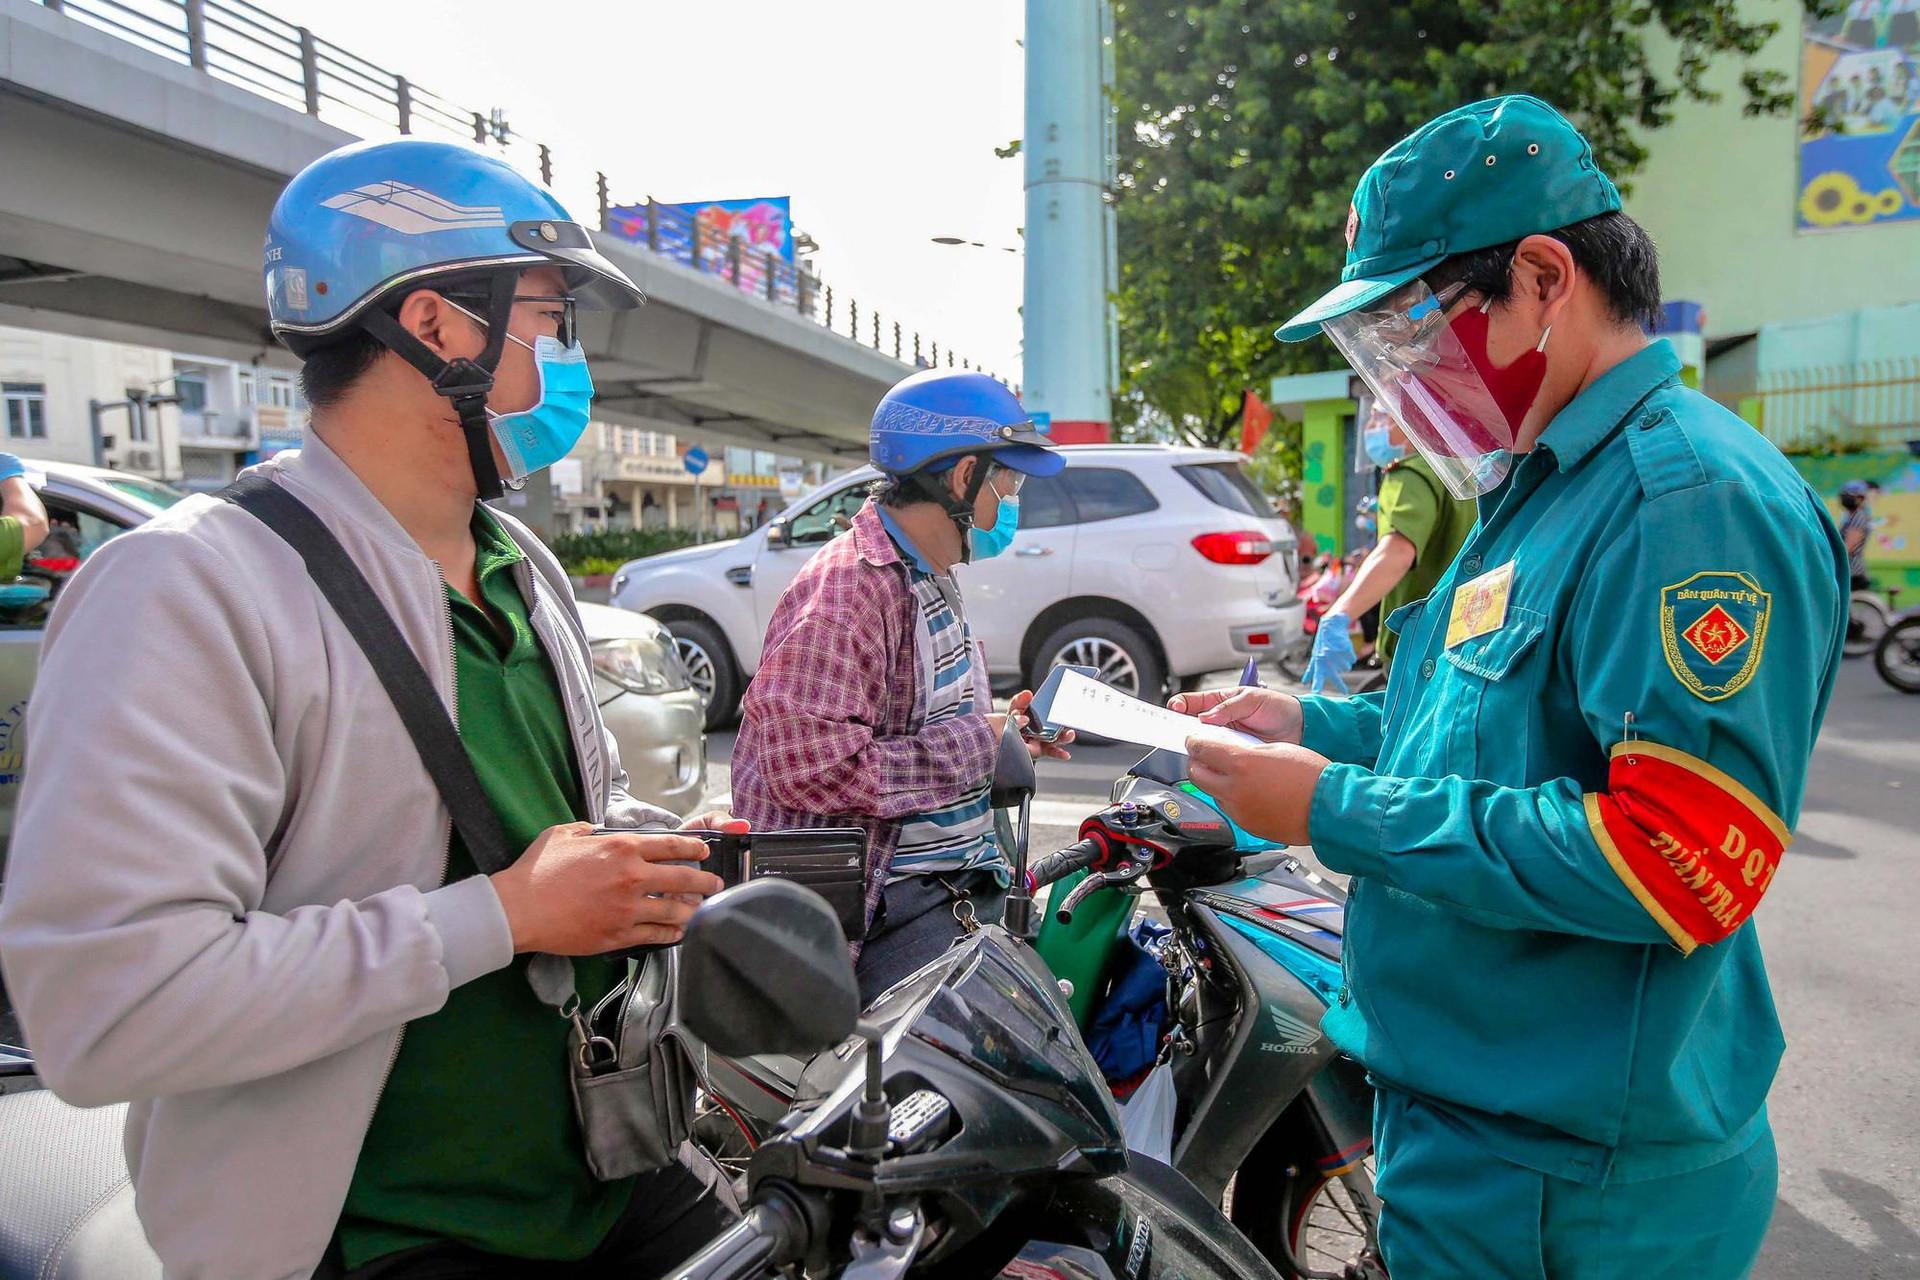 TP.HCM phạt gần 5.000 người ra đường không cần thiết, thu hơn 10,4 tỷ đồng - 1